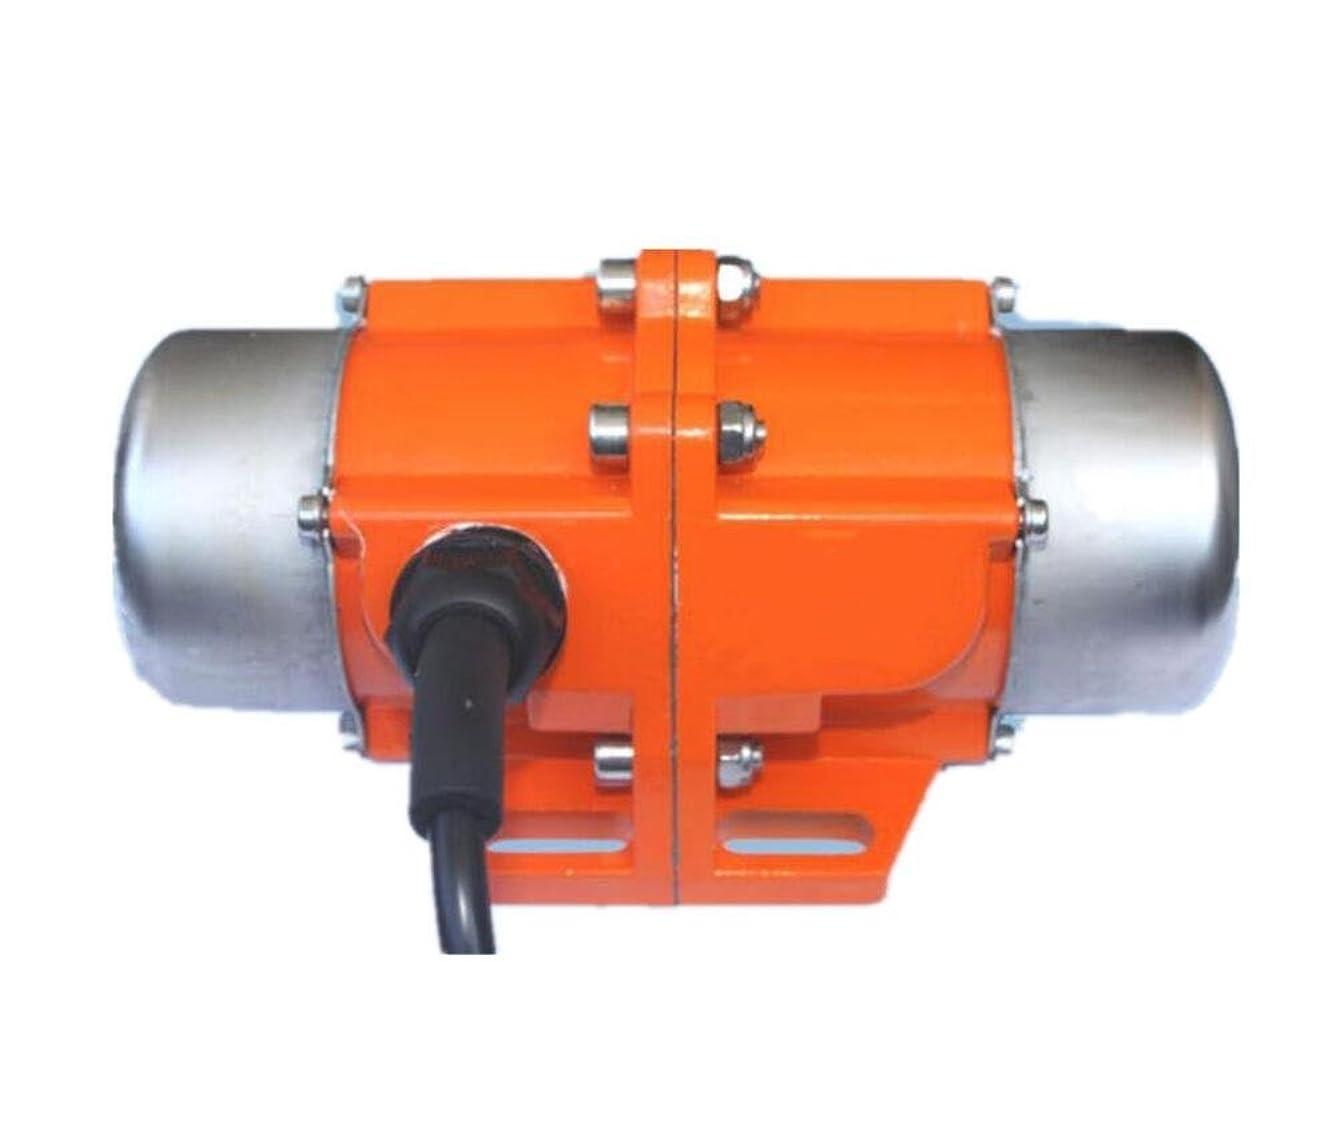 Concrete Vibrator Vibration Motor 30W AC 110V 3600rpm Aluminum Alloy Vibrating Vibrators for Shaker Table (30W)